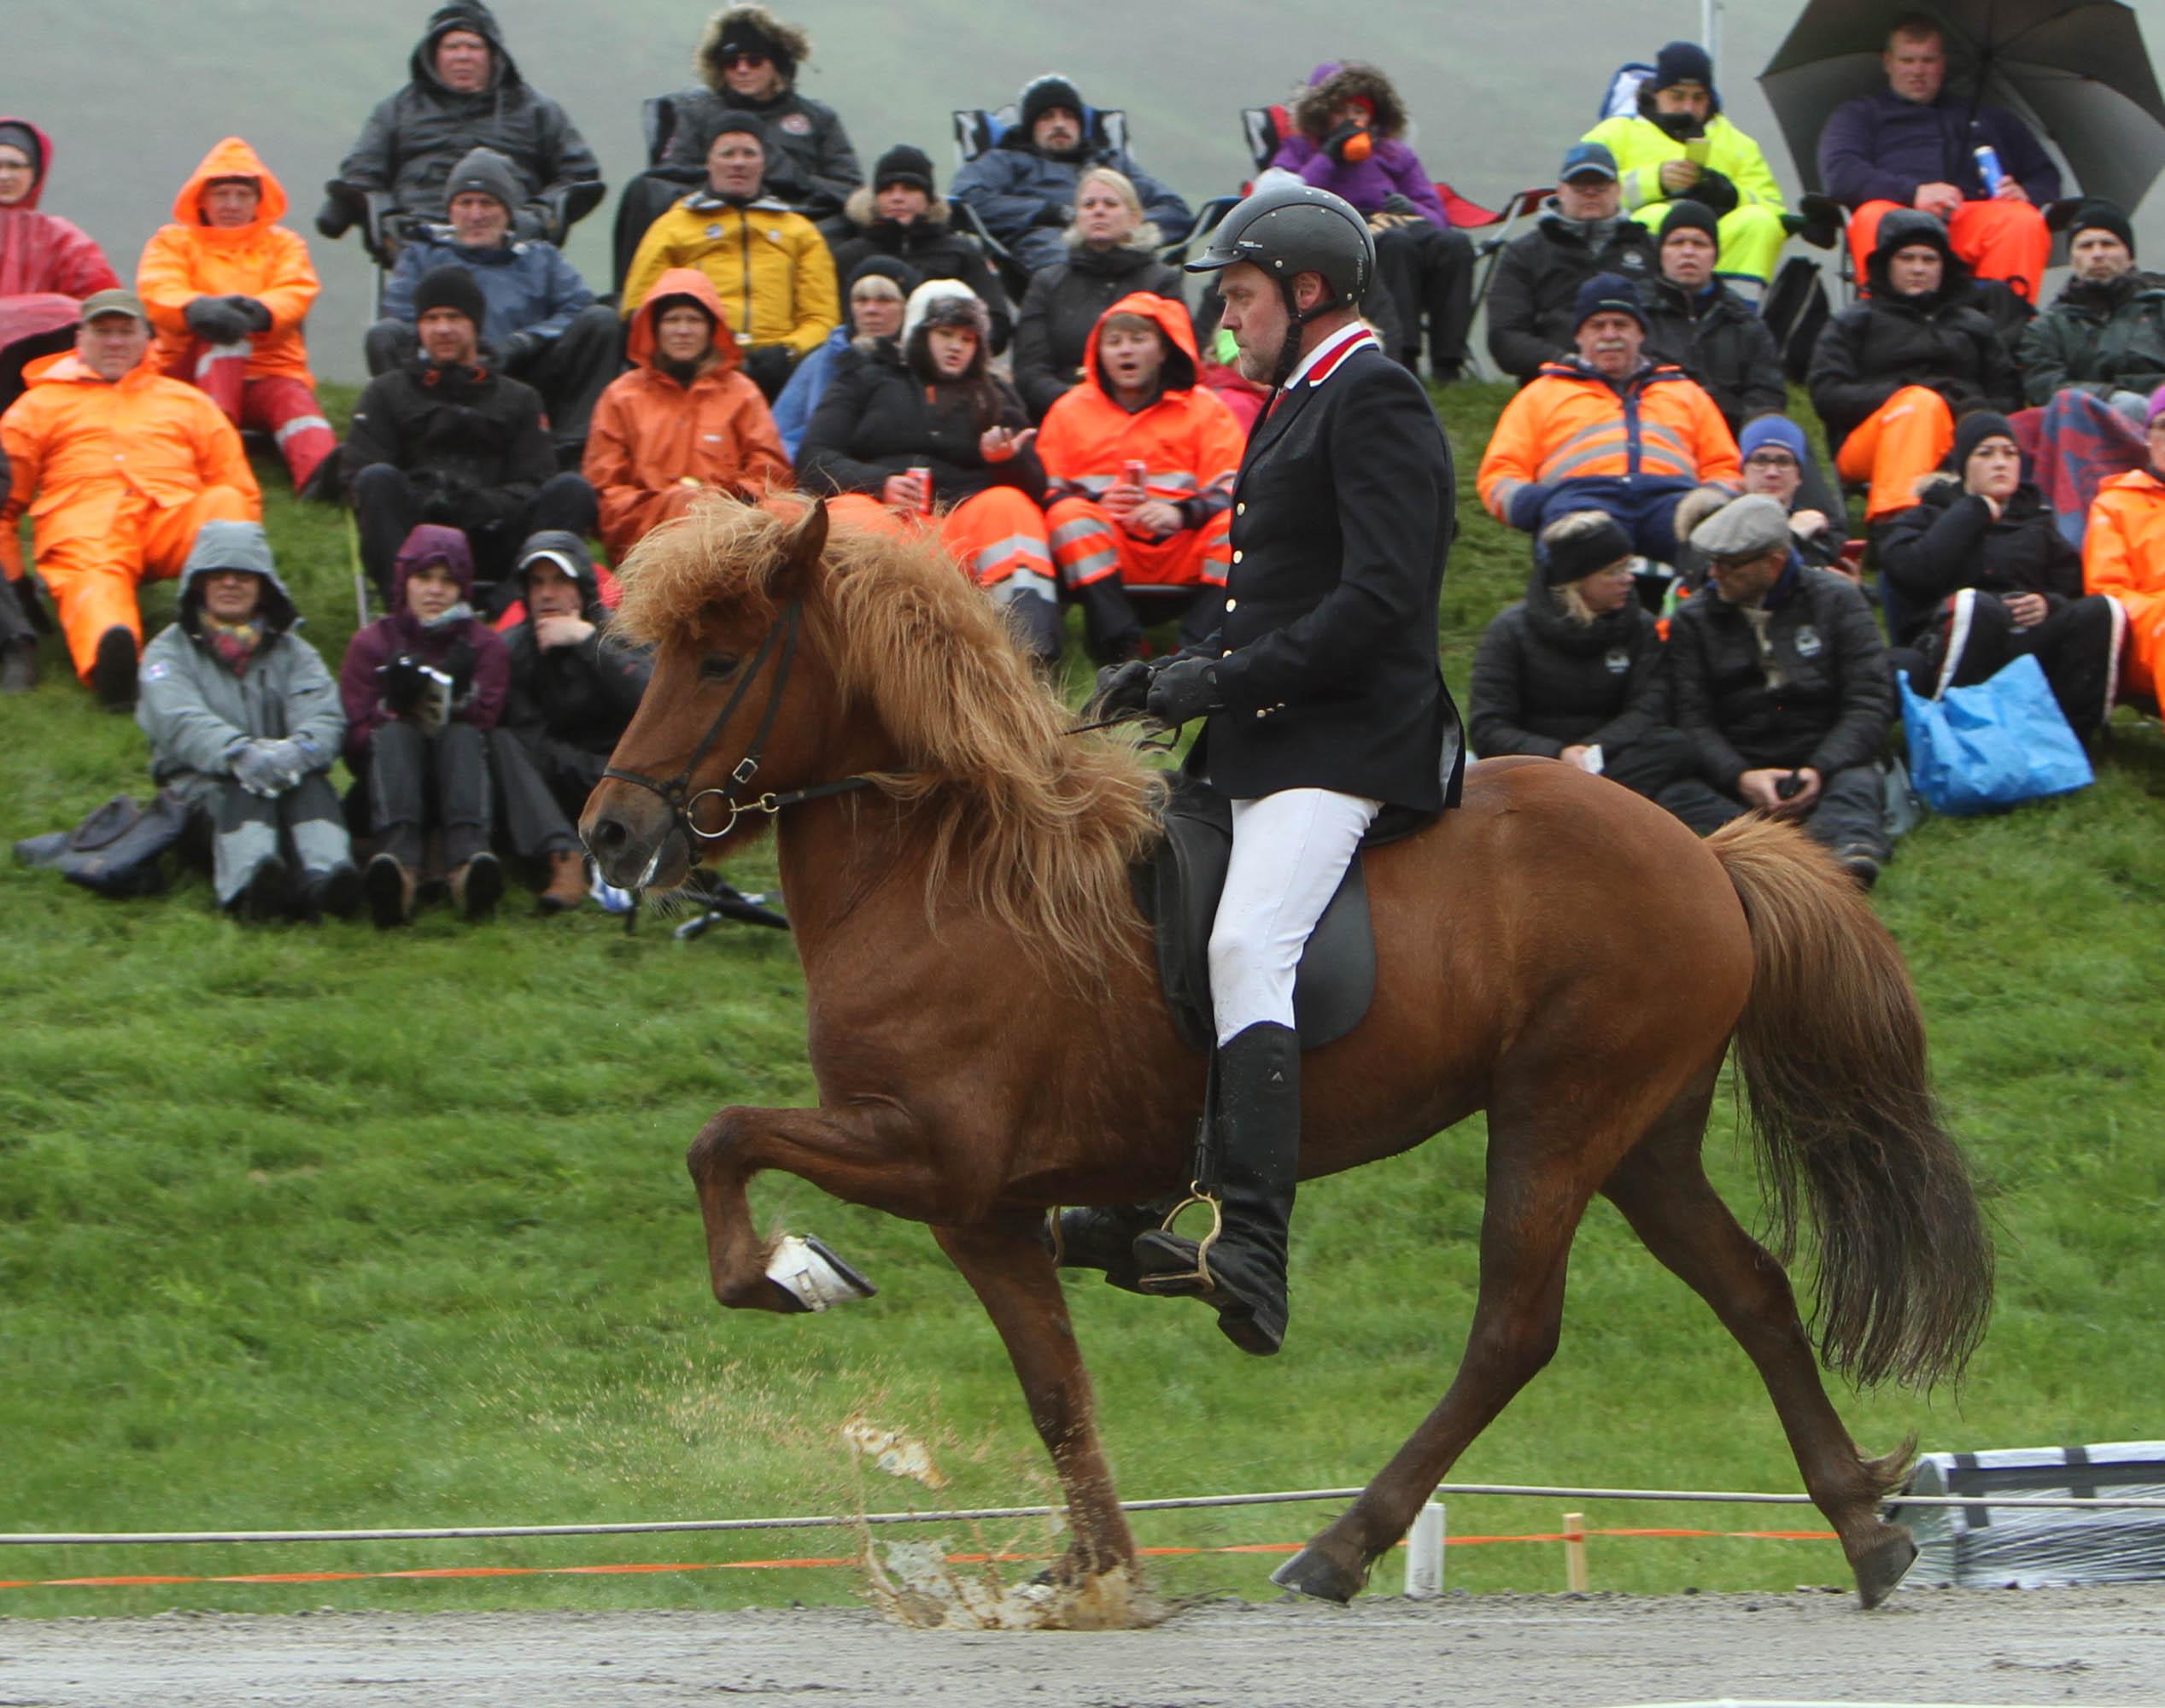 Garpur frá Skúfslaek visar hur man töltar i en regnpöl. Sigurdur Sigurdarson rider. Foto: Karin Cederman/ishestnews.se